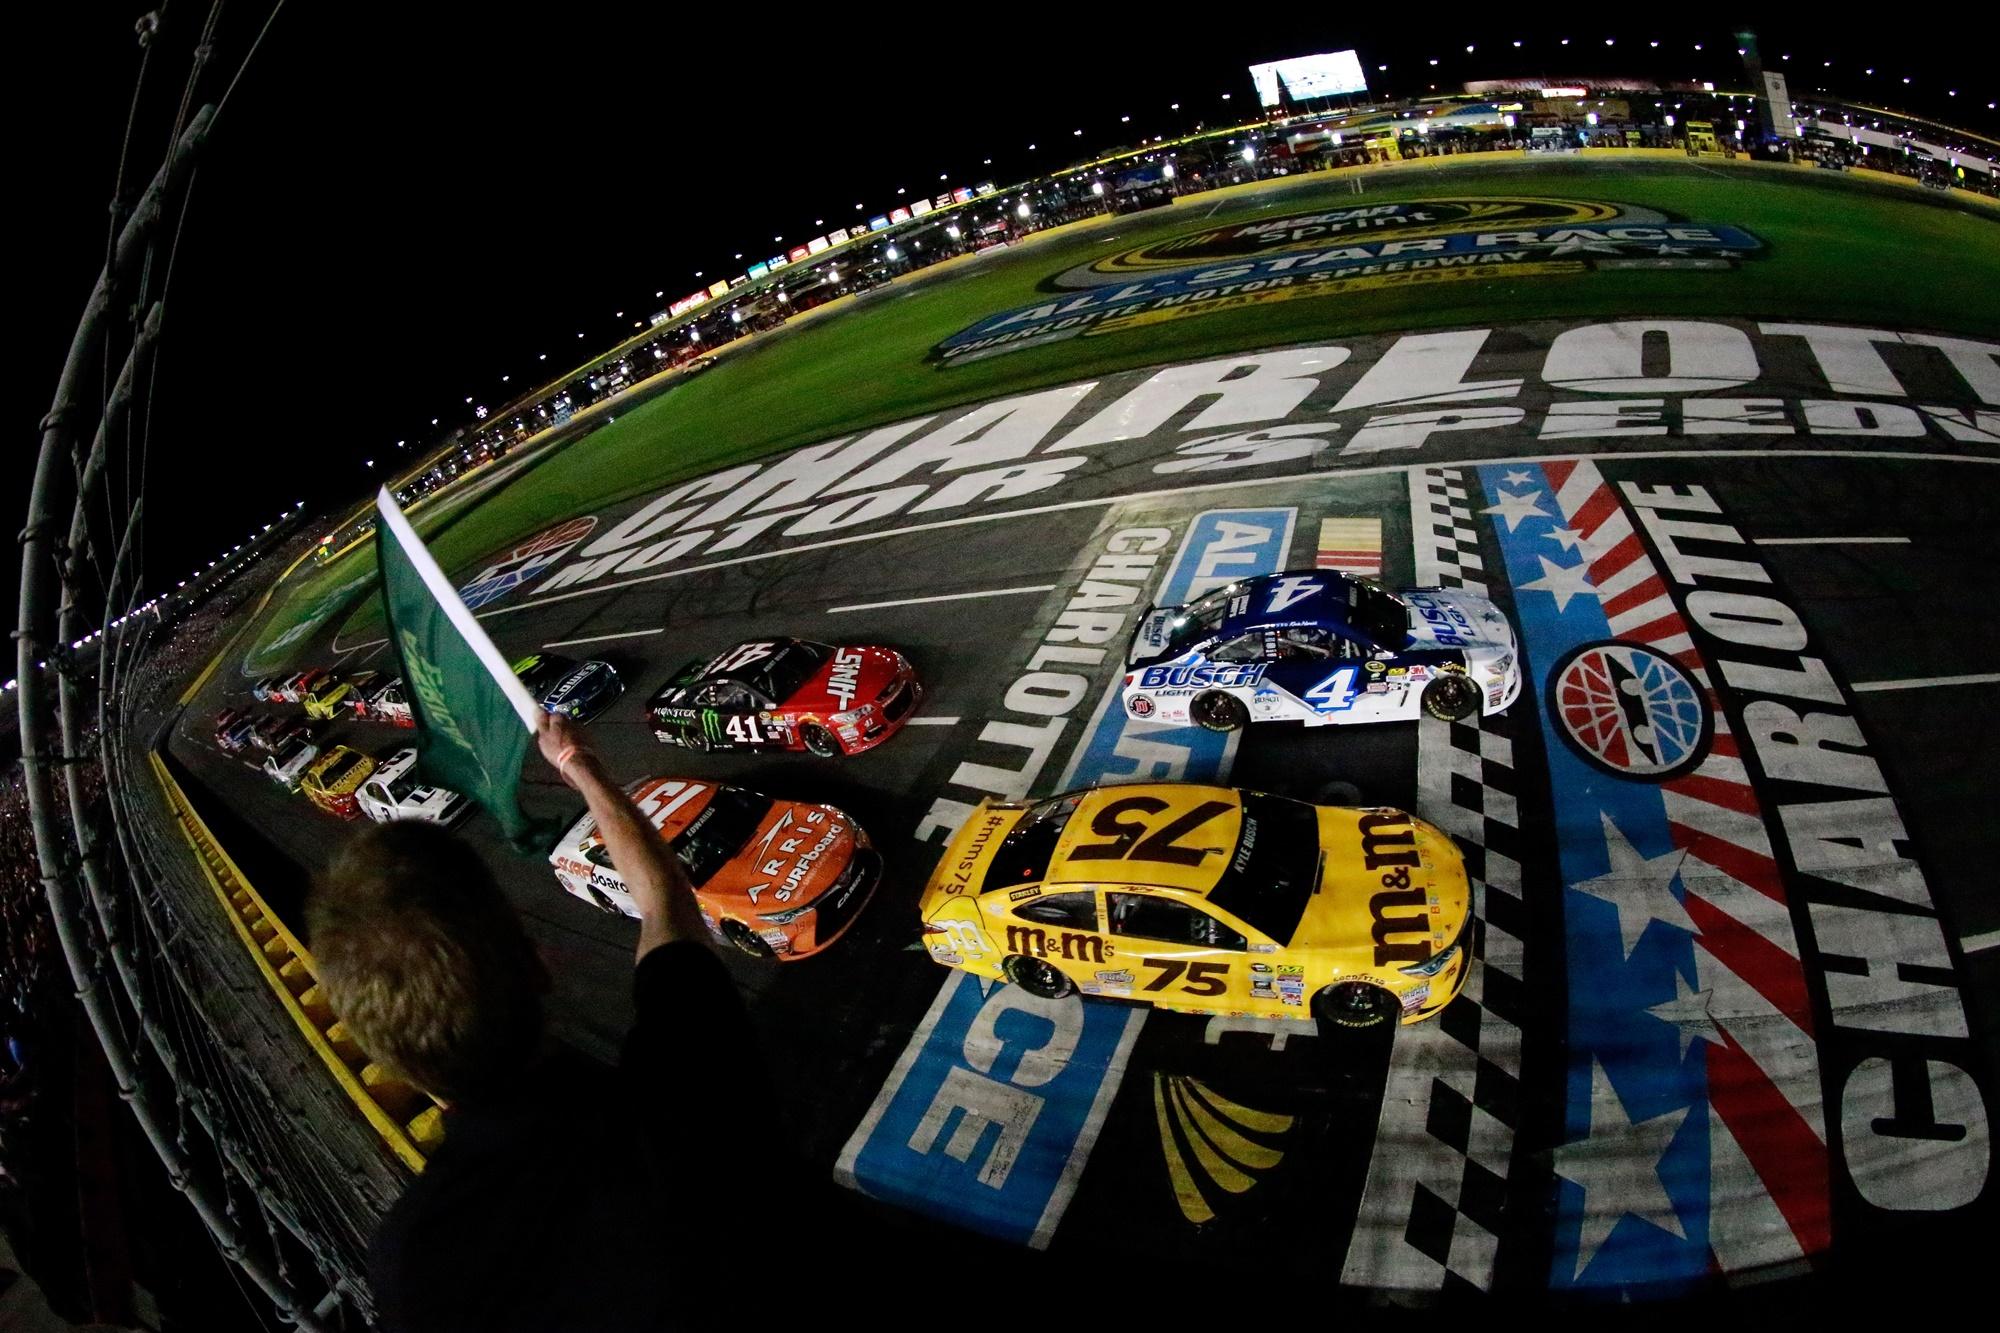 NASCAR Sprint Cup Series Sprint All-Star Race